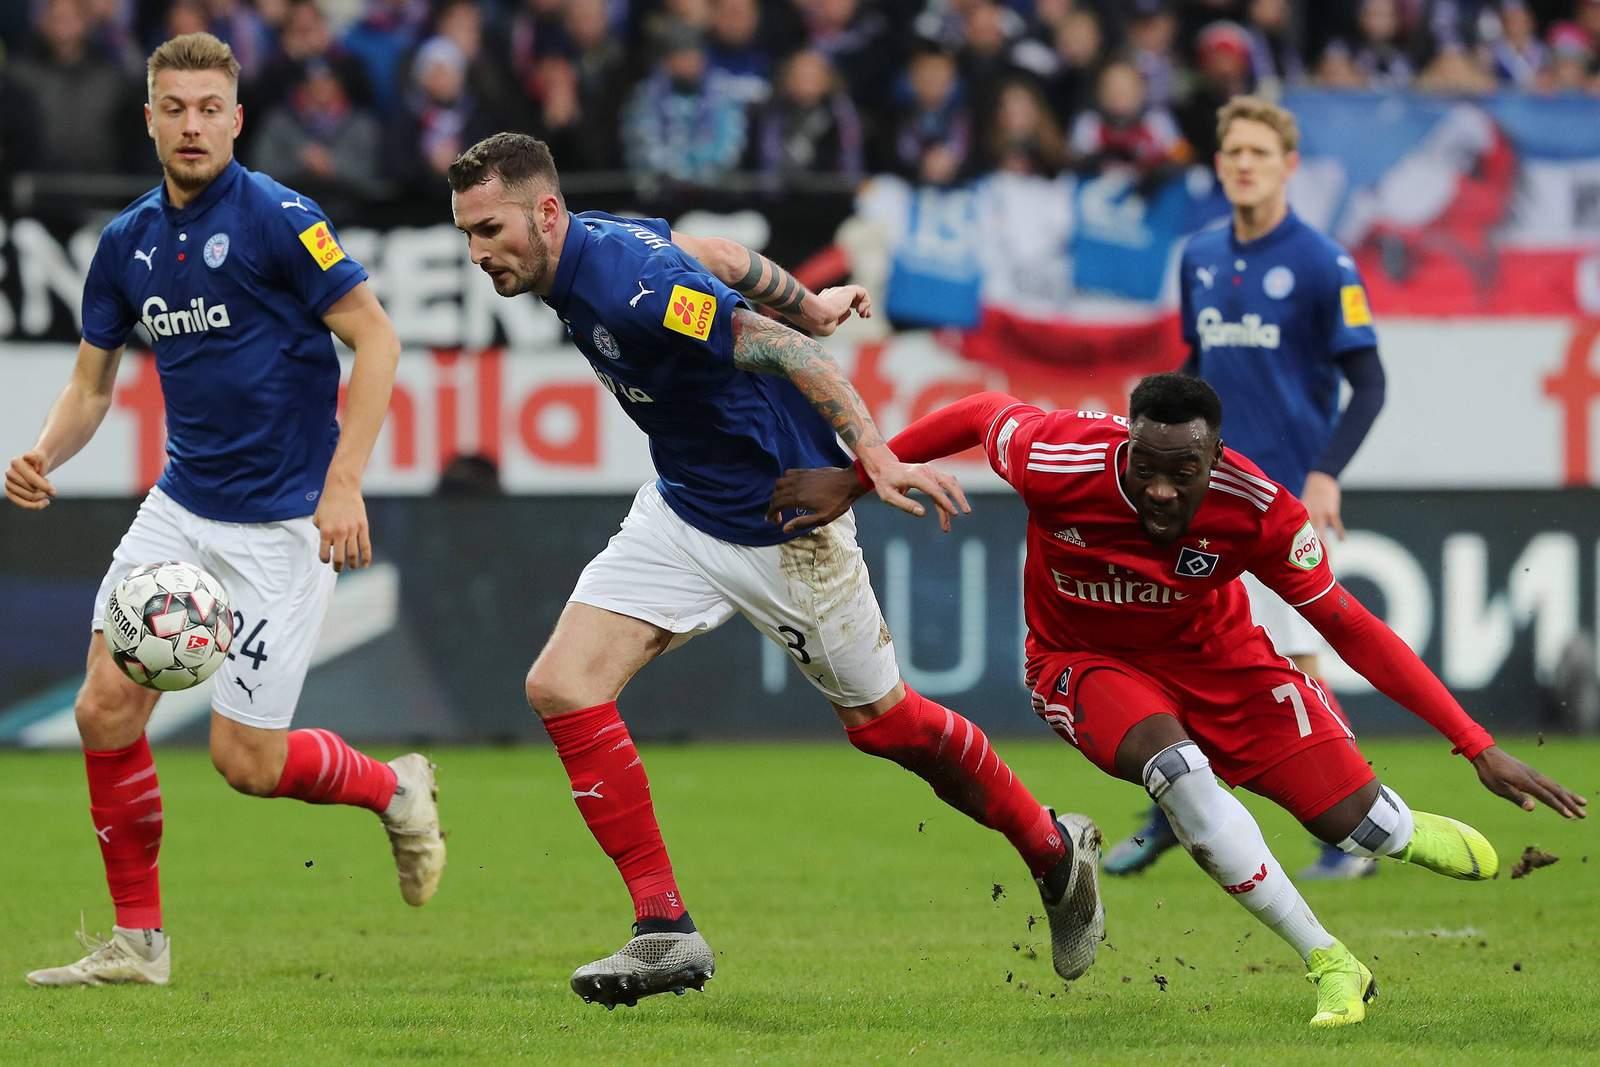 Setzt sich Schmidt gegen Narey durch? Jetzt auf Holstein Kiel vs HSV wetten